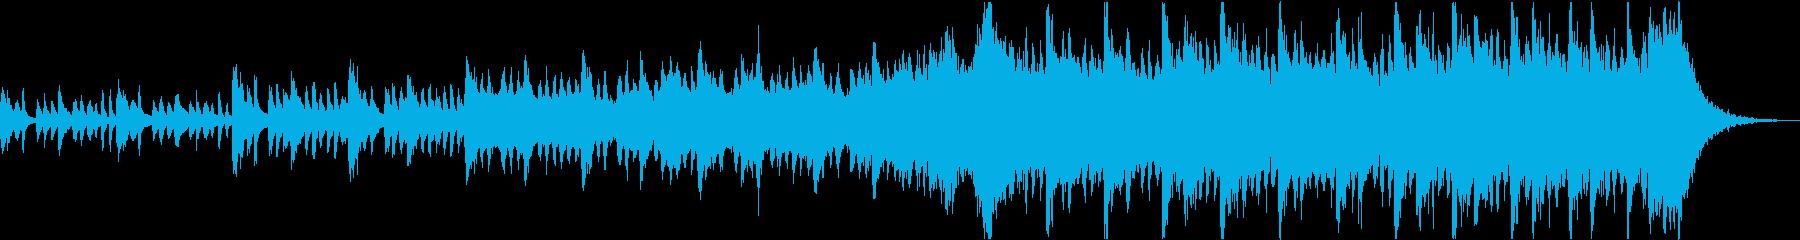 感動壮大ポジティブオーケストラエピックaの再生済みの波形